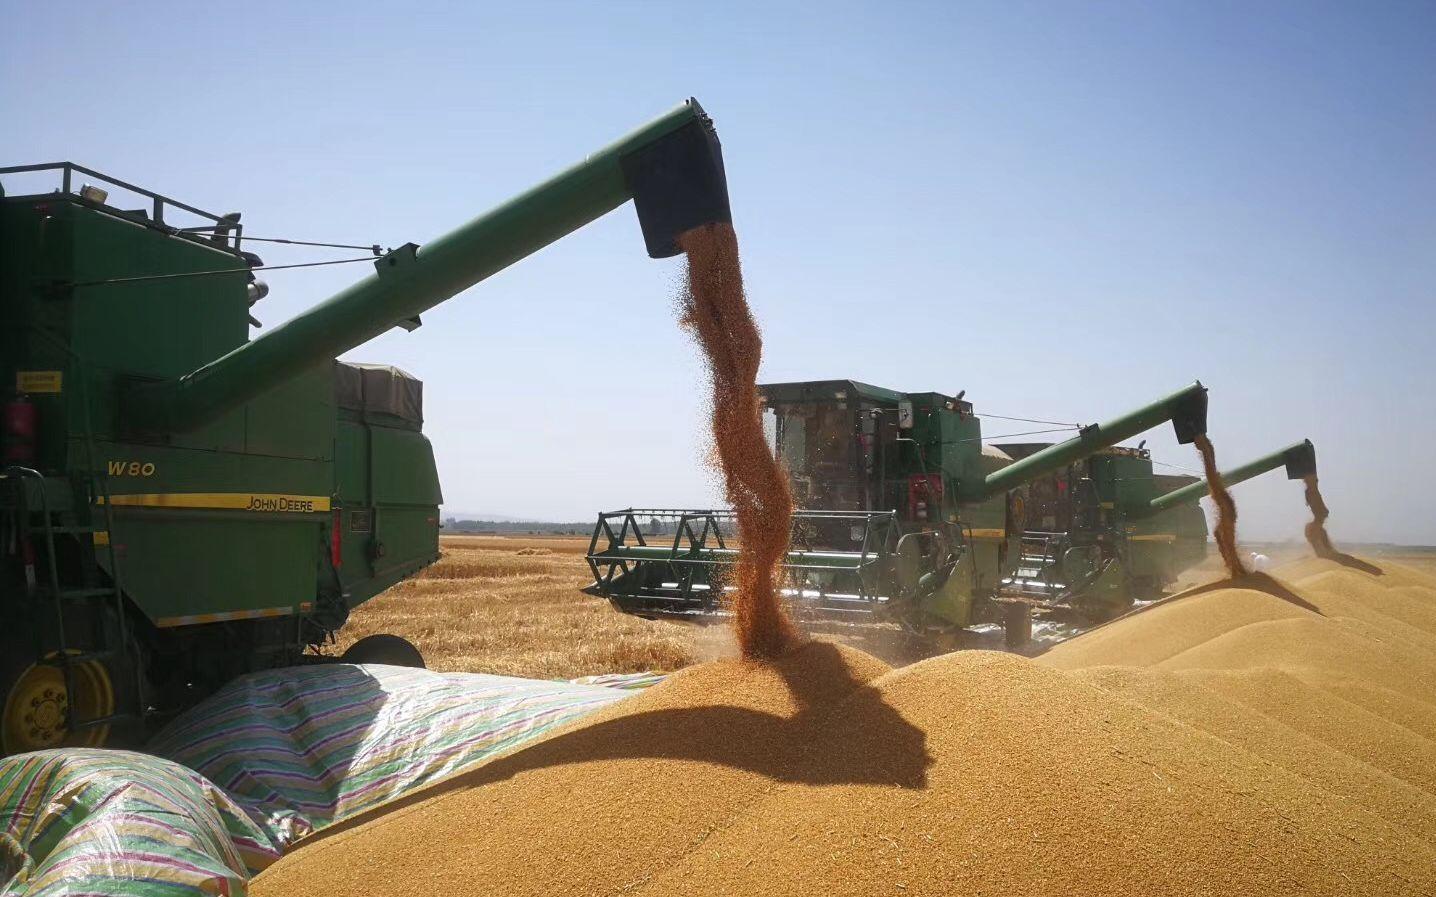 新京报:种子大量依赖进口 农业会不会遭遇